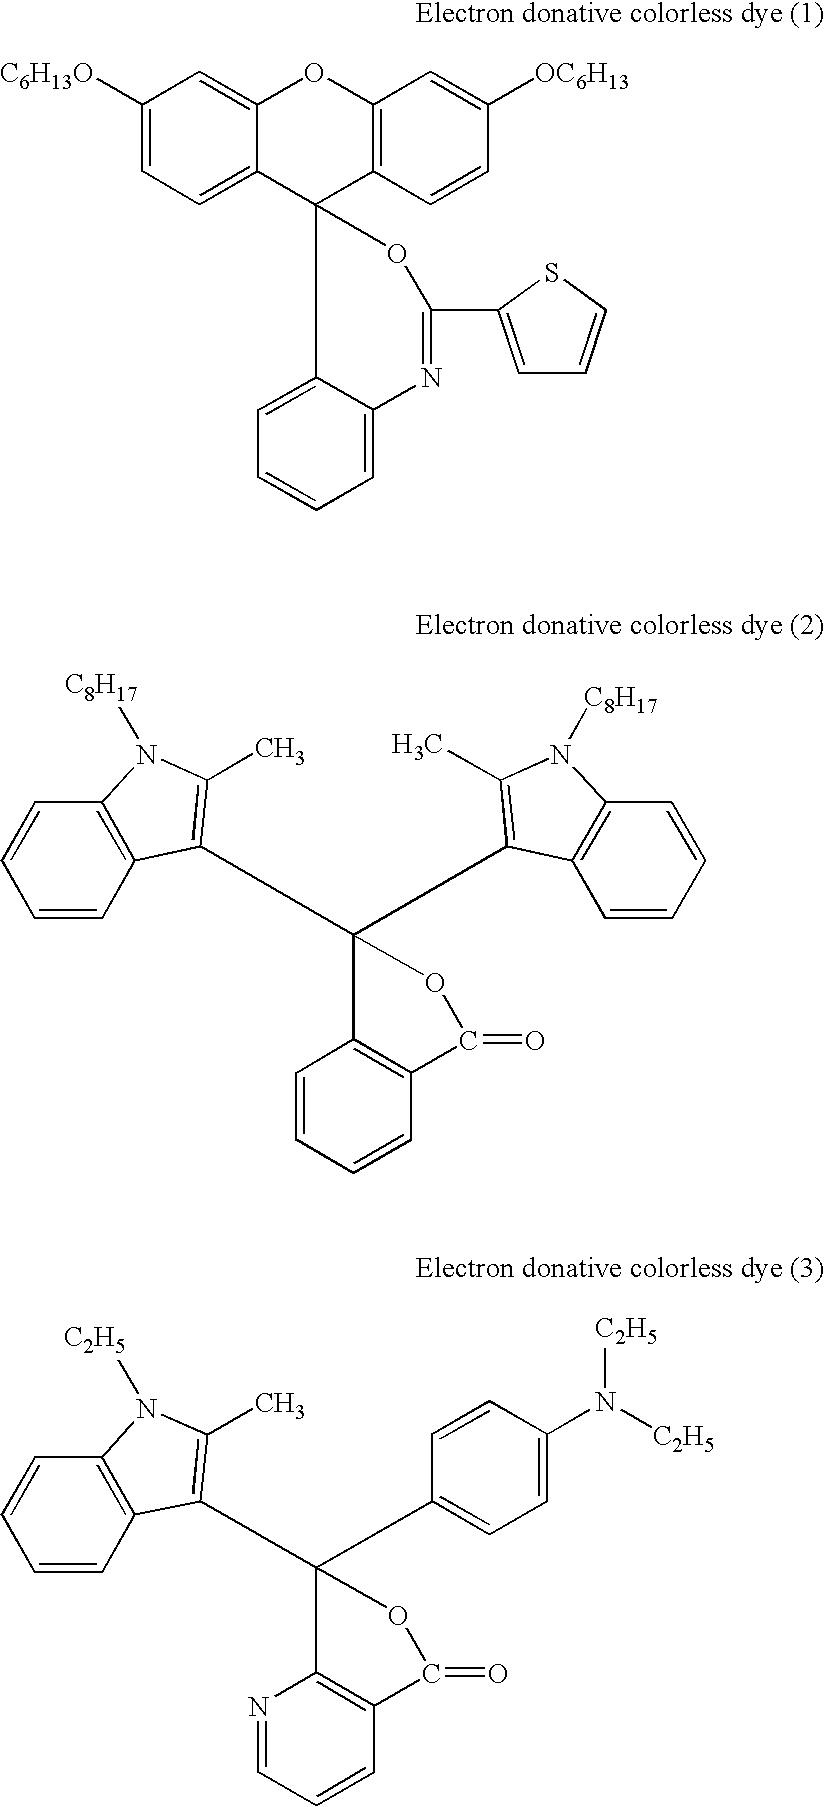 Figure US20070231723A1-20071004-C00002